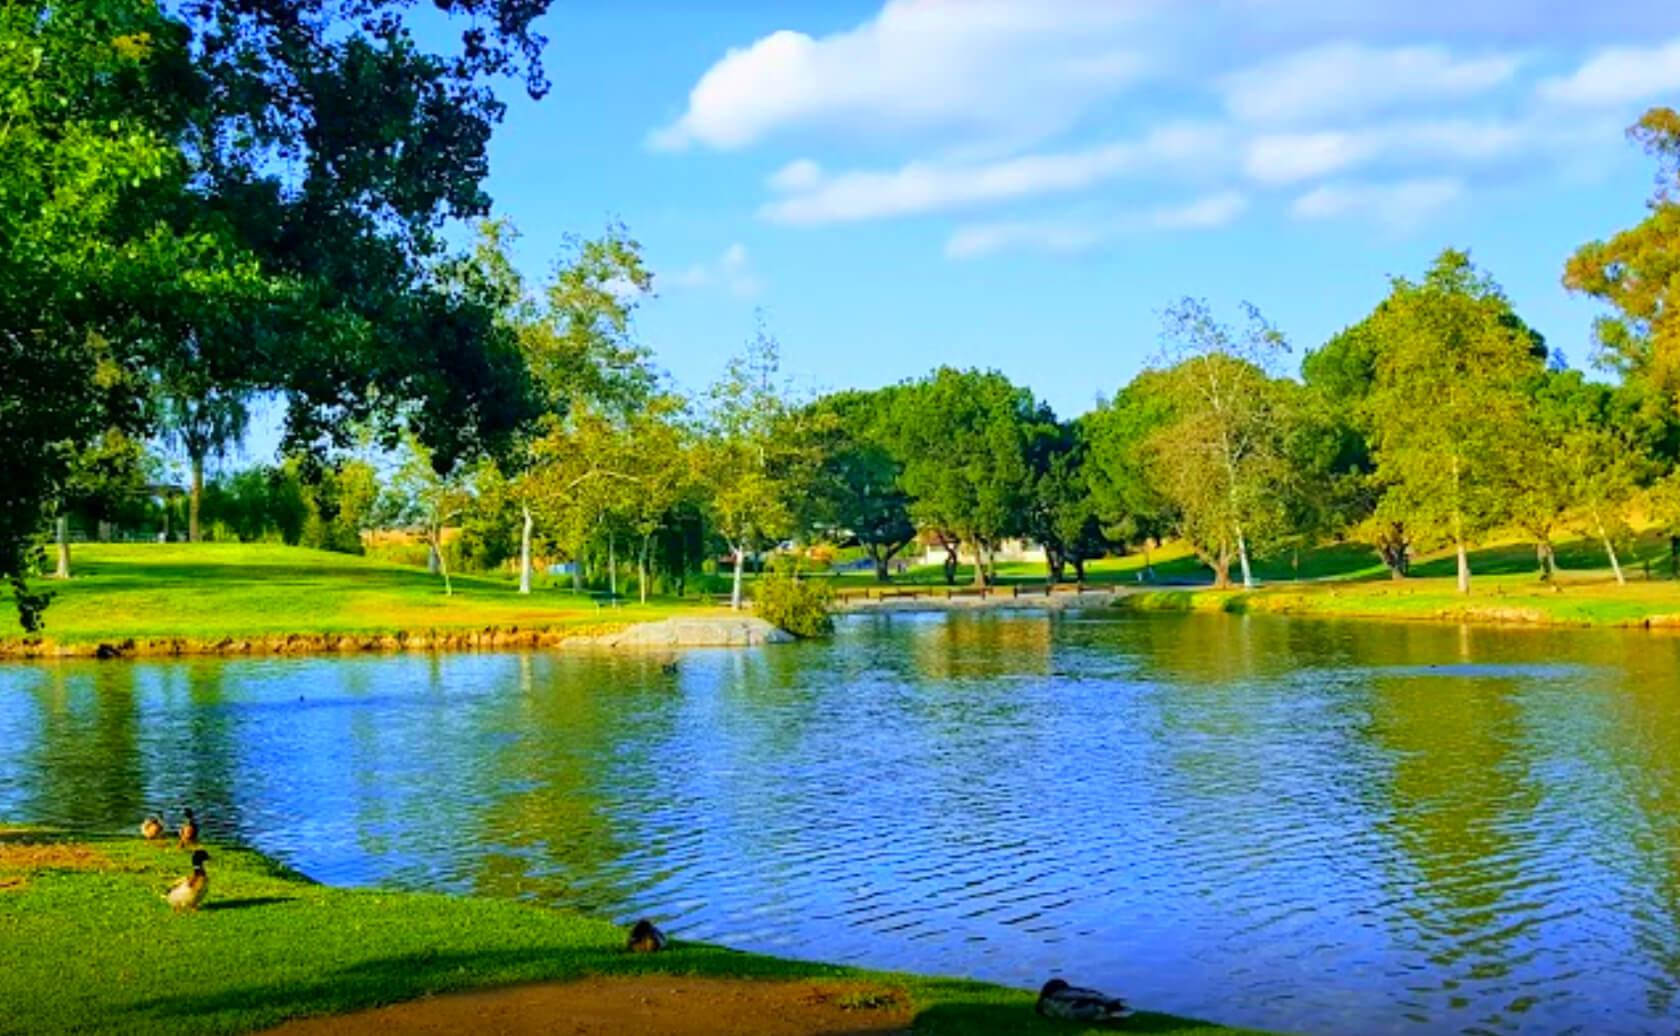 Craig-Regional-Park-Lake-Fishing-Guide-Report-Fullerton-CA-02